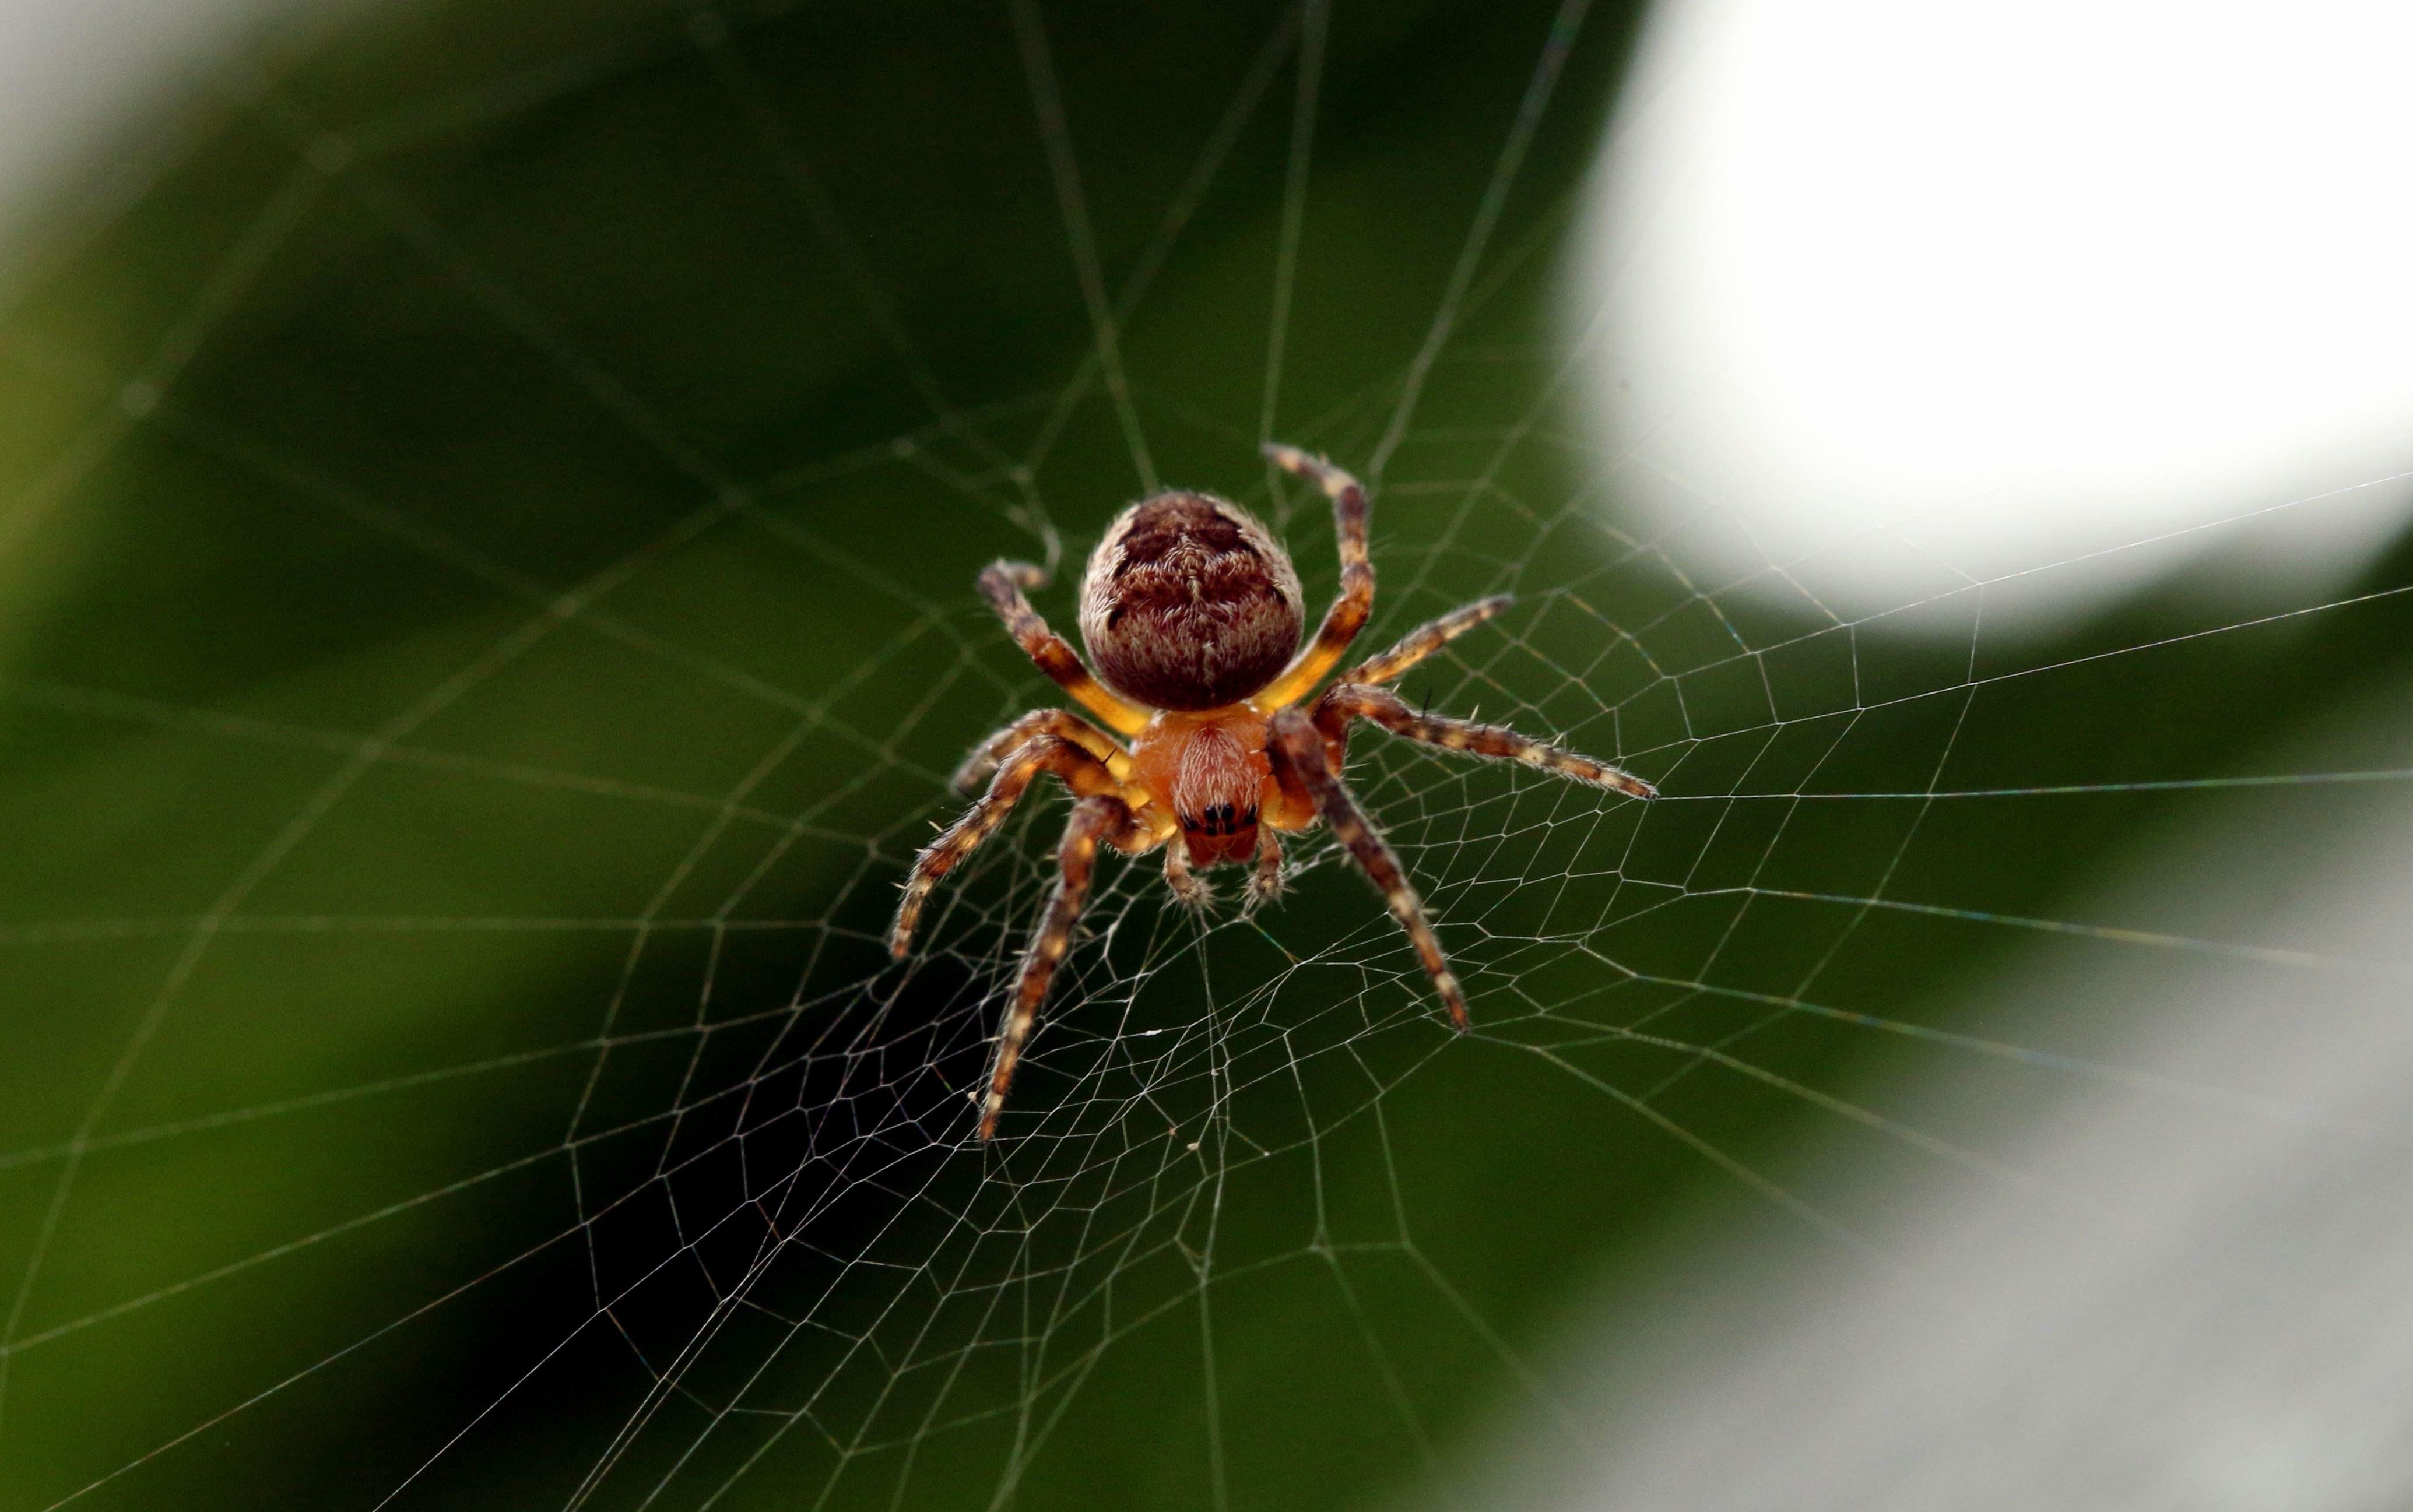 Вмоноблоке отApple под дисплеем поселился паук